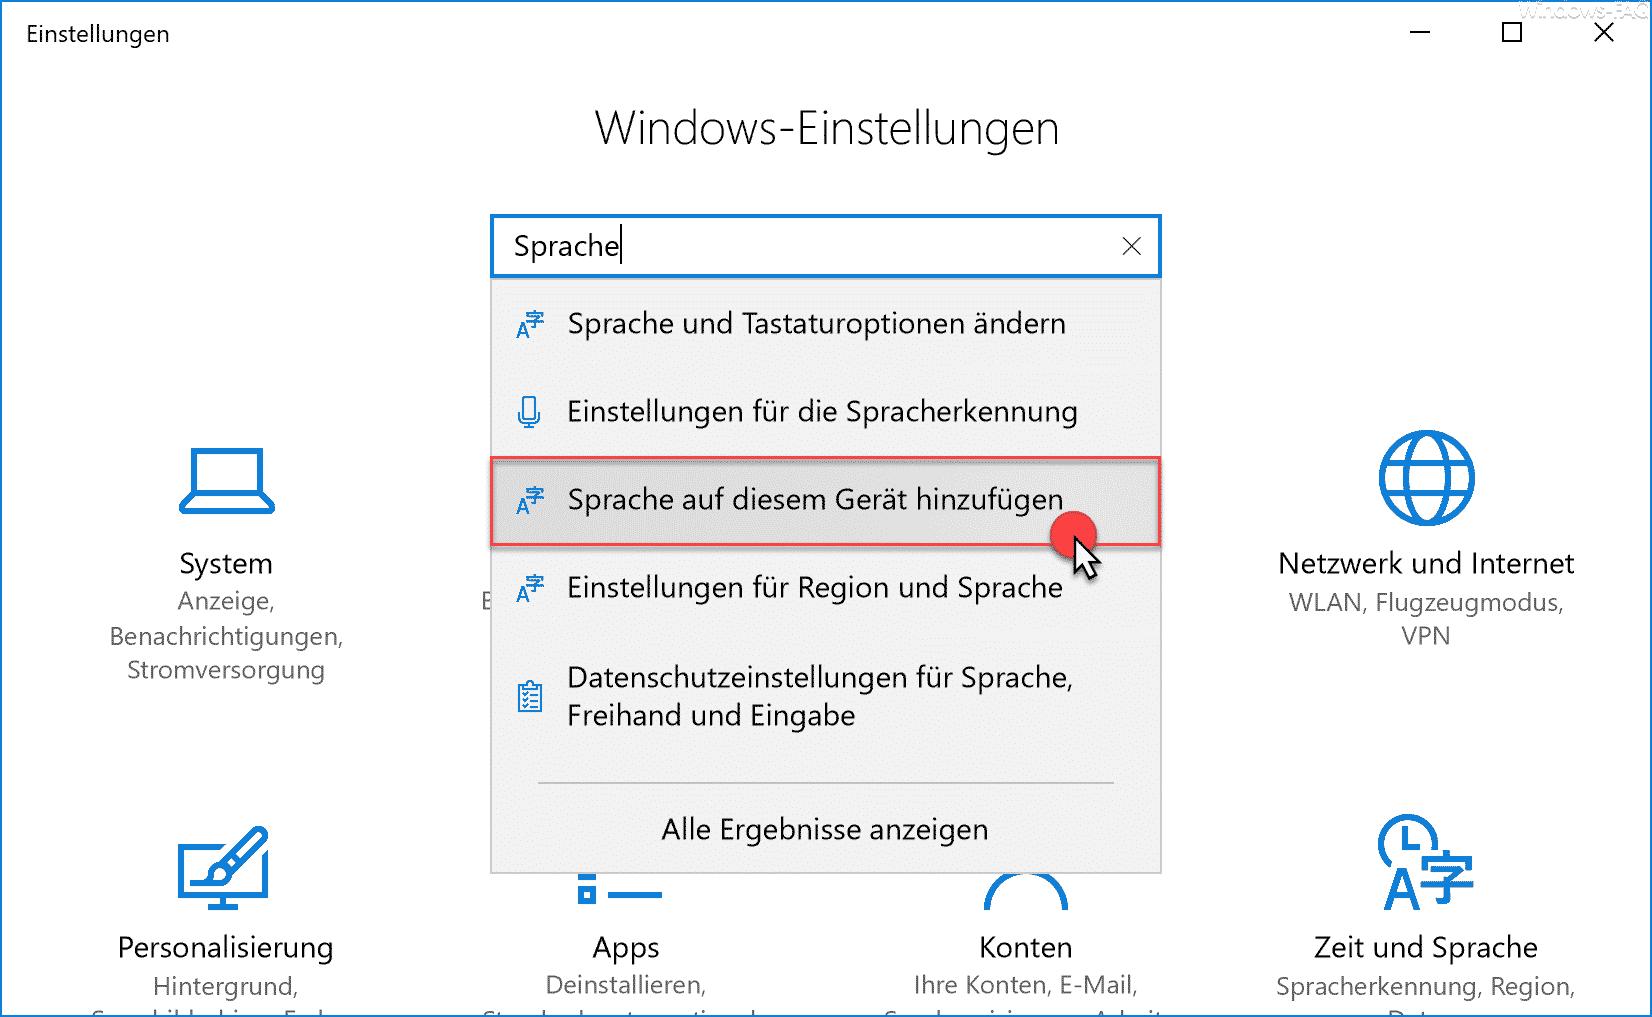 Sprache auf diesem Gerät hinzufügen